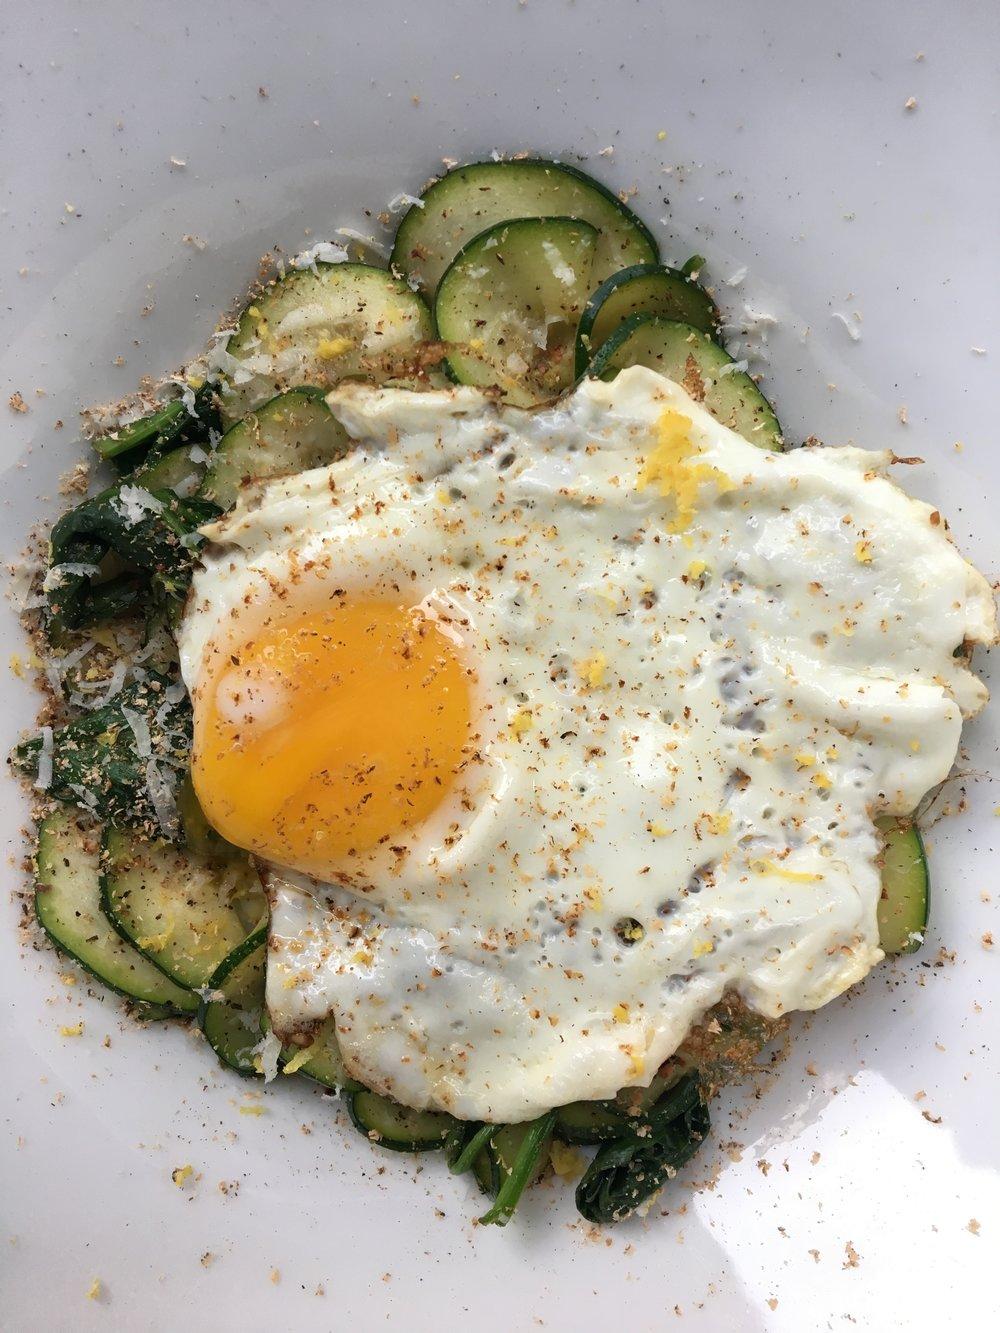 Zoodle + Egg: Lemon Zest / Nutmeg / Pecorino / Spinach / Butter